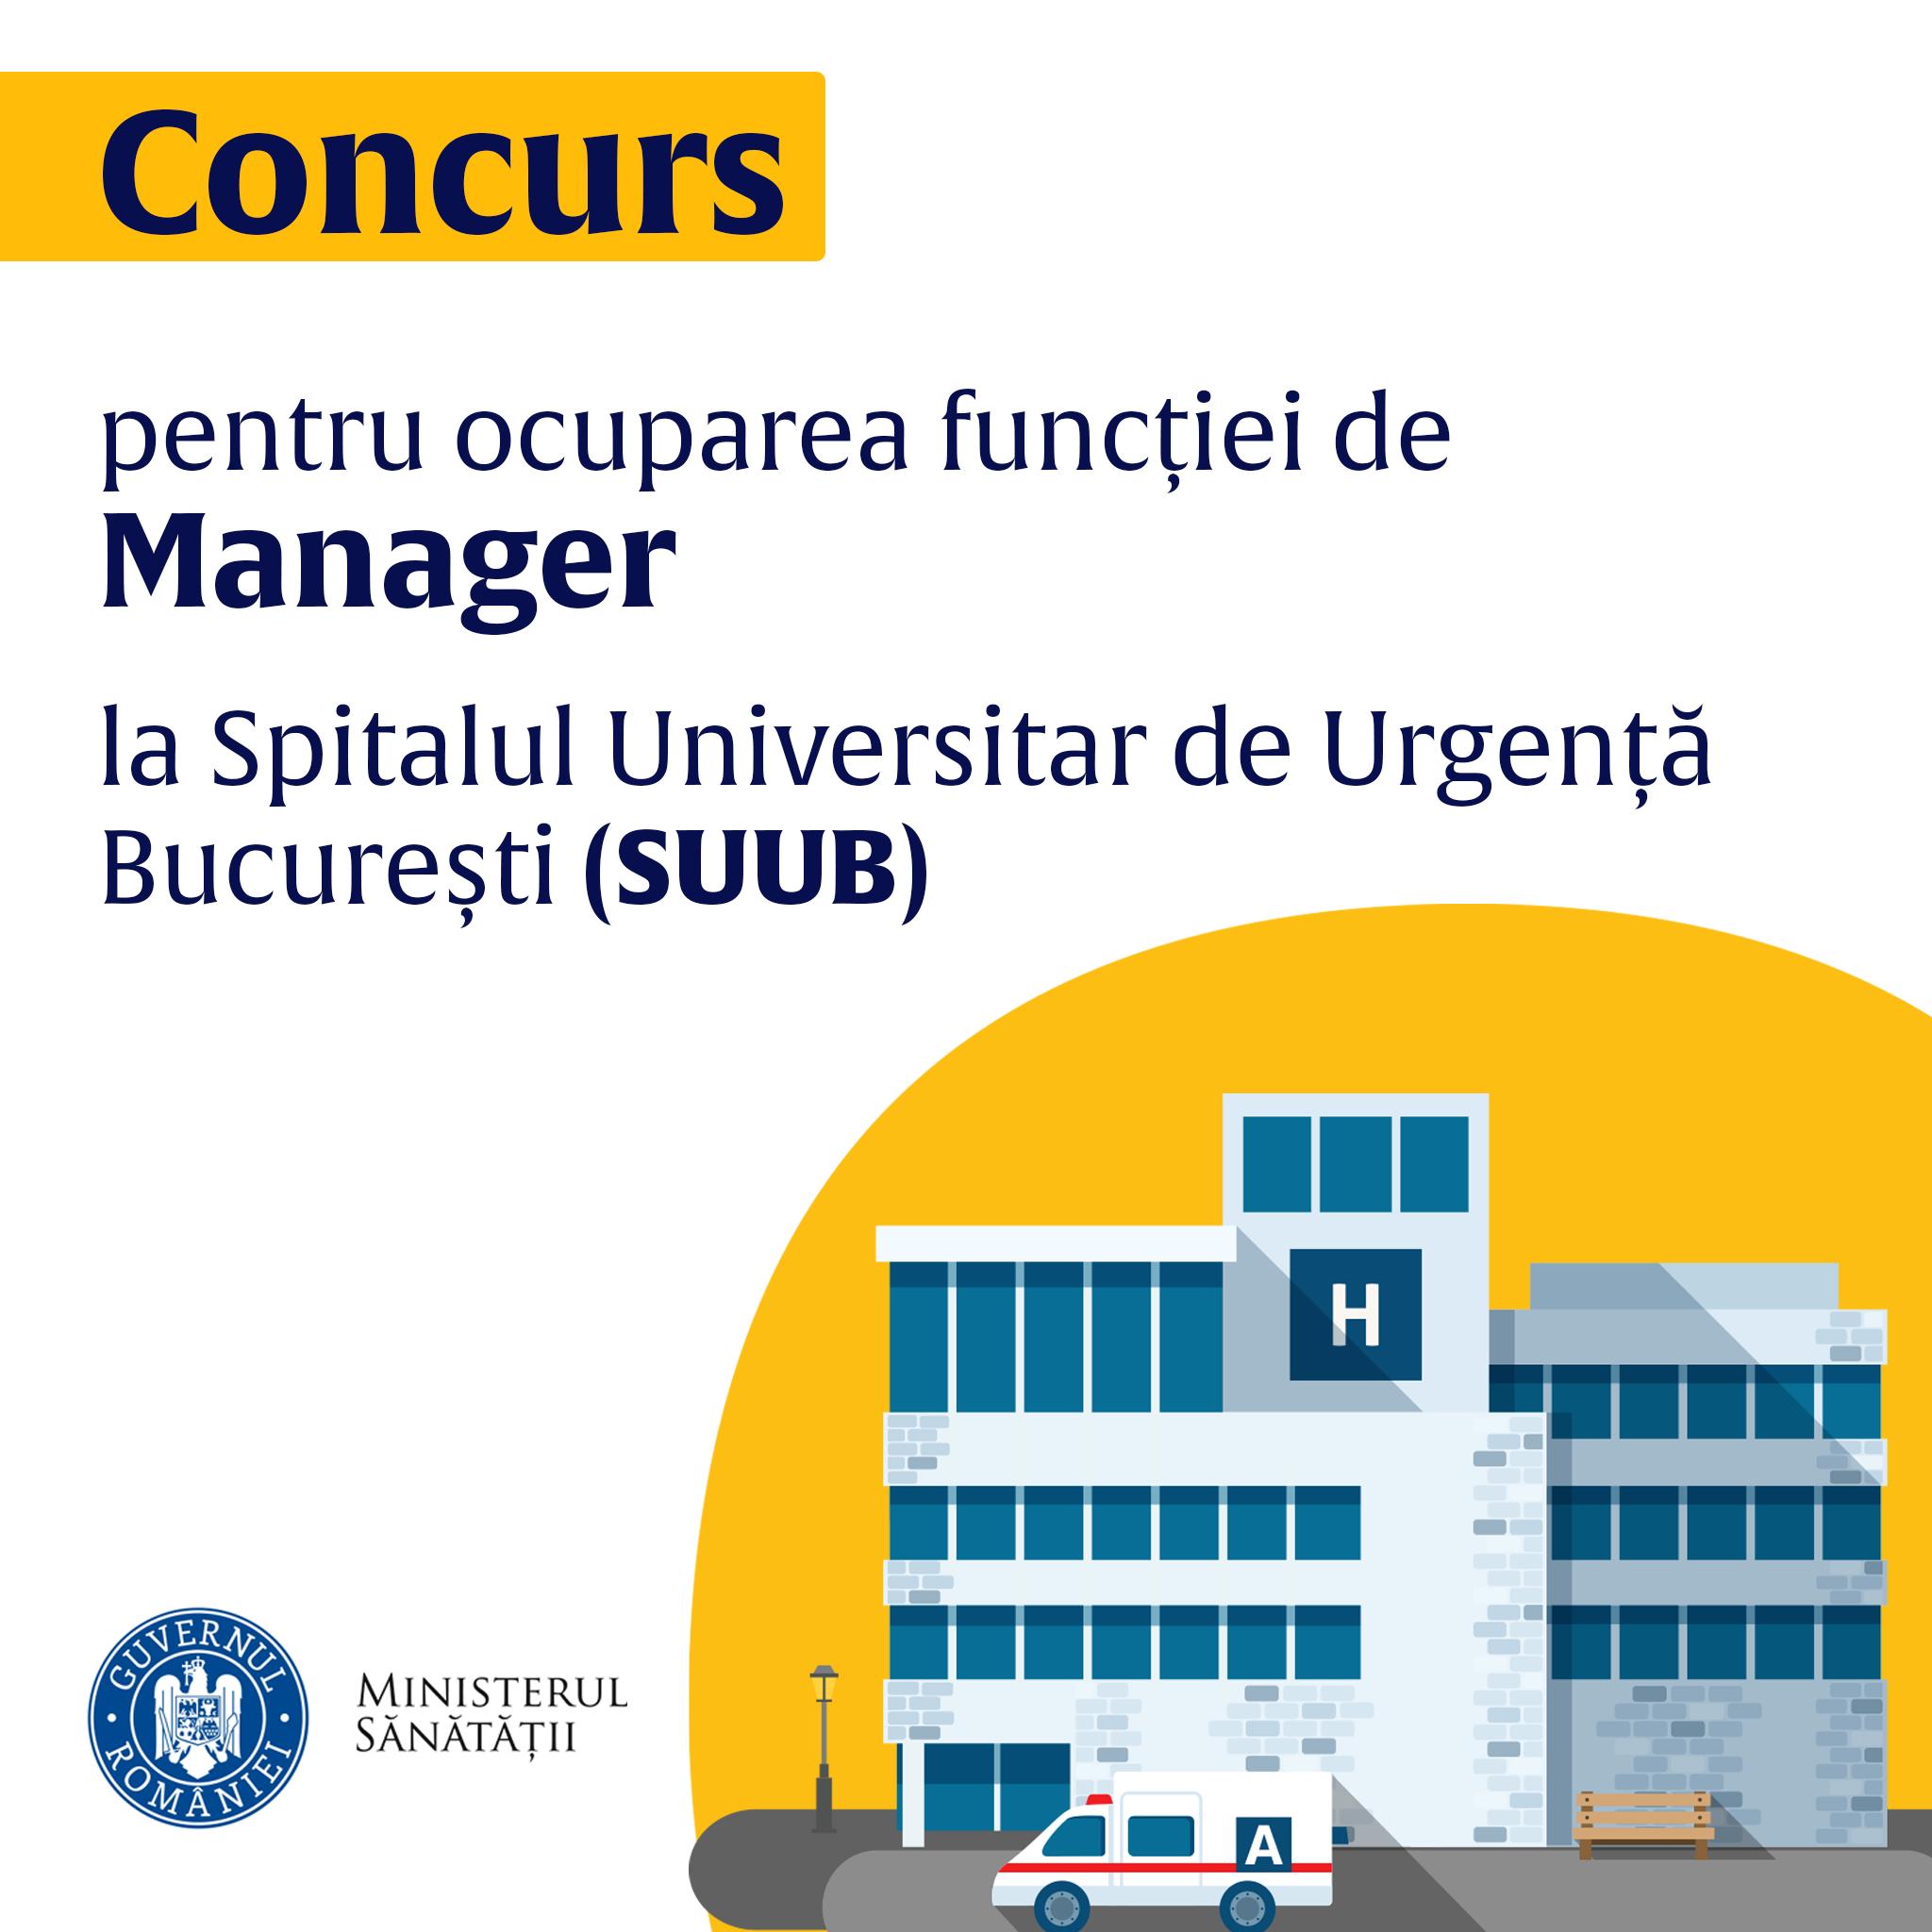 Se caută manager pentru Spitalul Universitar de Urgență Bucureşti. Ministerul Sănătății spune care sunt etapele concursului